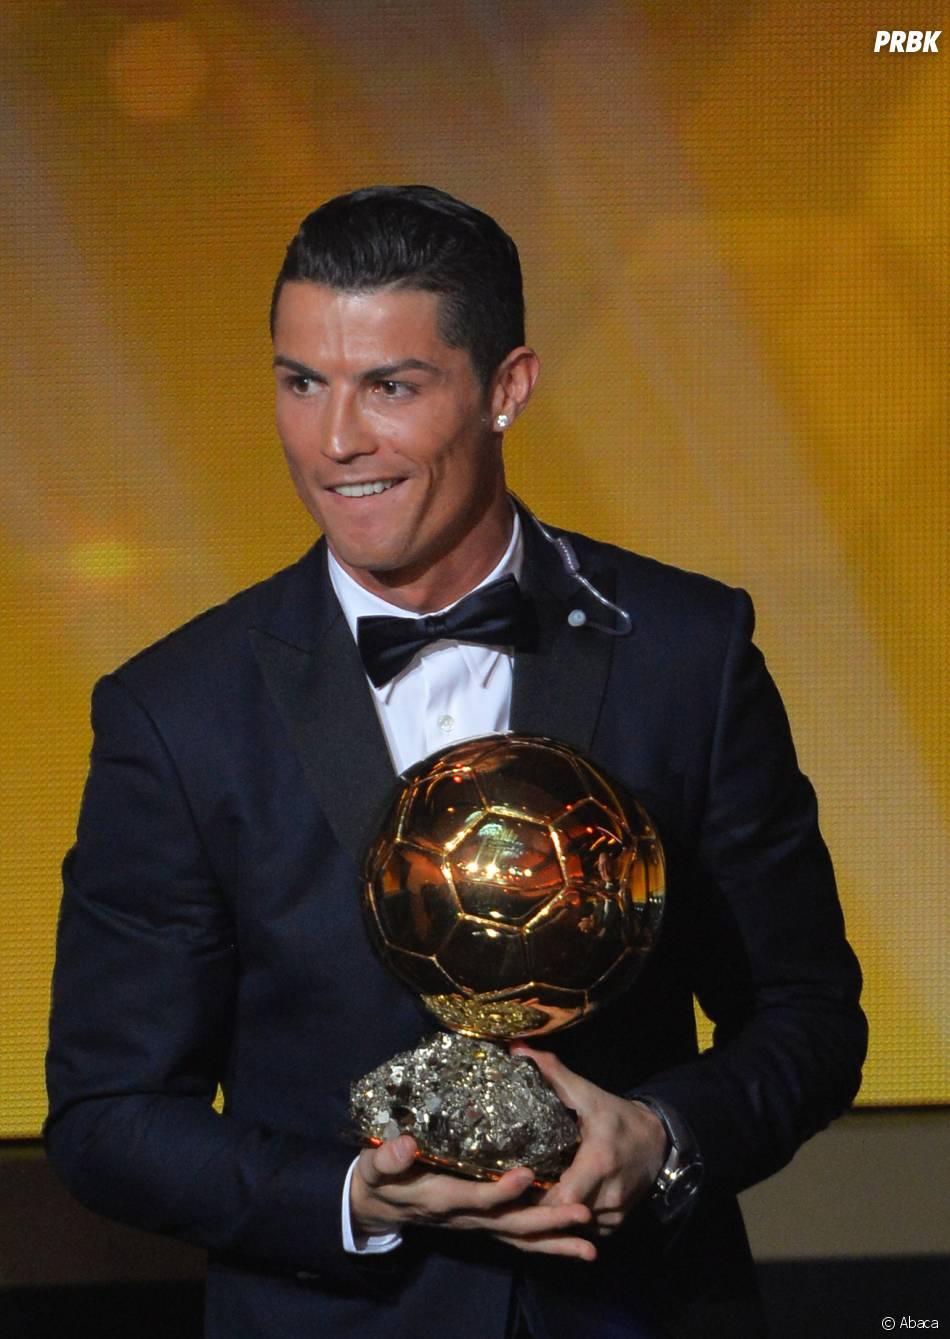 Cristiano Ronaldo souriant lors de la remise du Ballon d'or 2014, le 12 janvier 2015 à Zurich